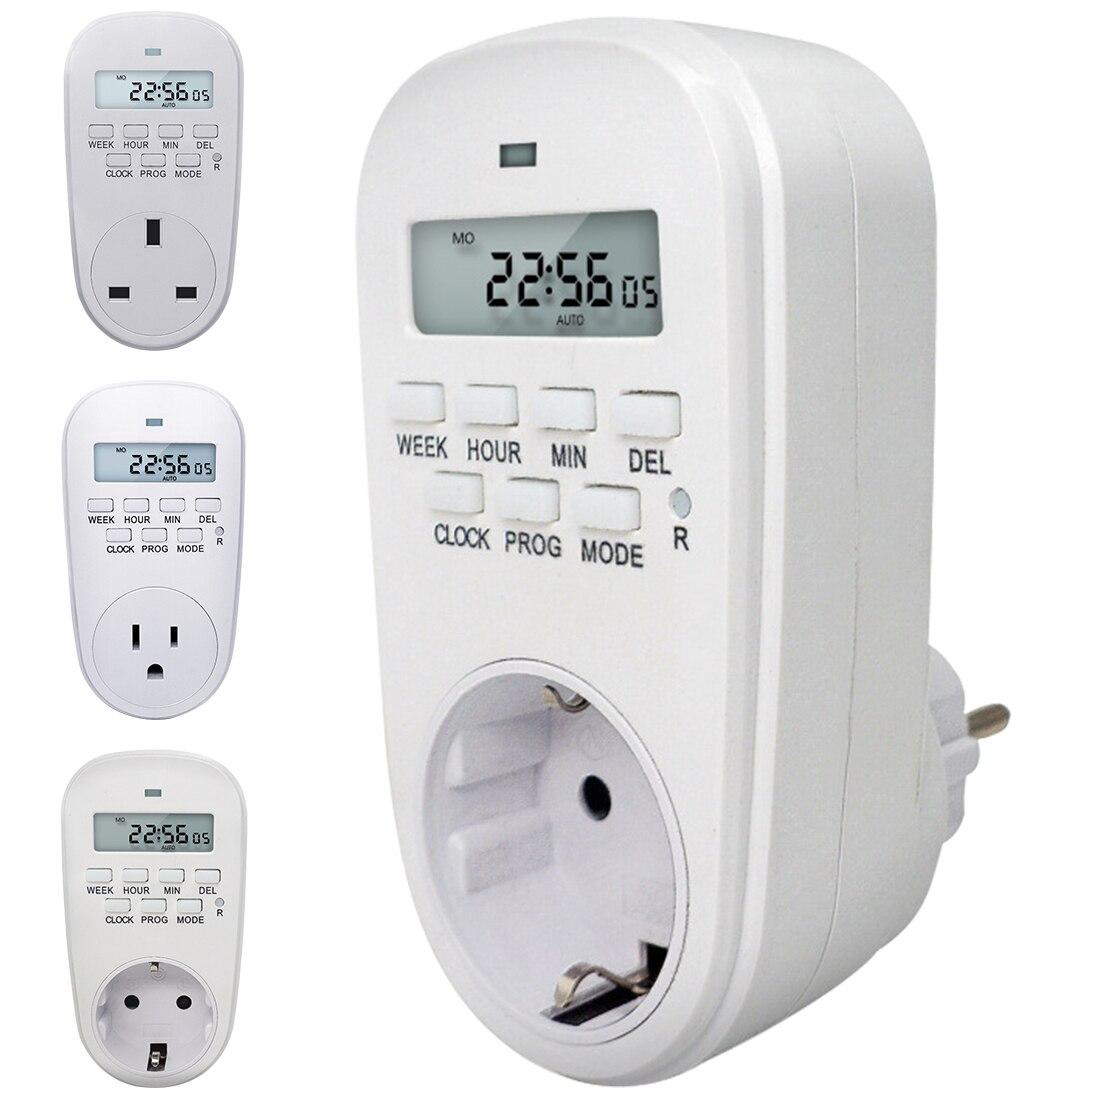 Digital Programável Interruptor Do Temporizador de Poupança de Energia Ajustável Ajuste de Relógio/Tempo On/Off DA UE/EUA/REINO UNIDO plugue Soquete Do Temporizador Da Cozinha